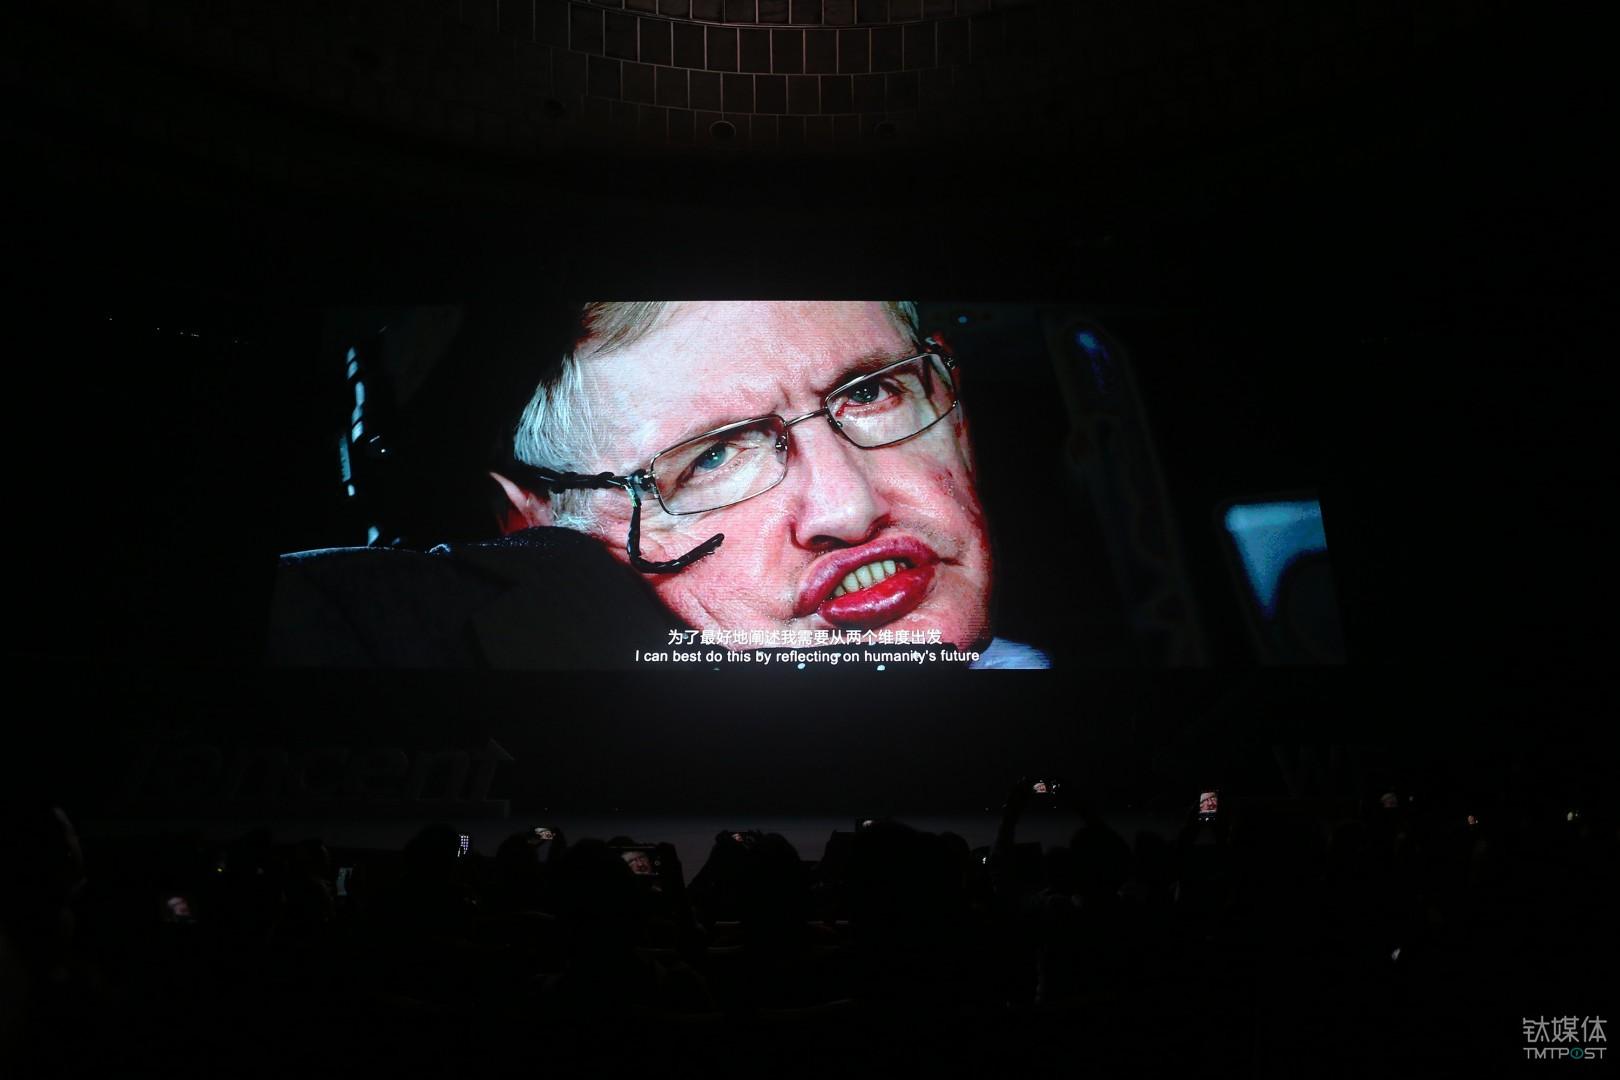 斯蒂芬·威廉·霍金(Stephen William Hawking)在腾讯 WE 大会中进行了独家视频演讲